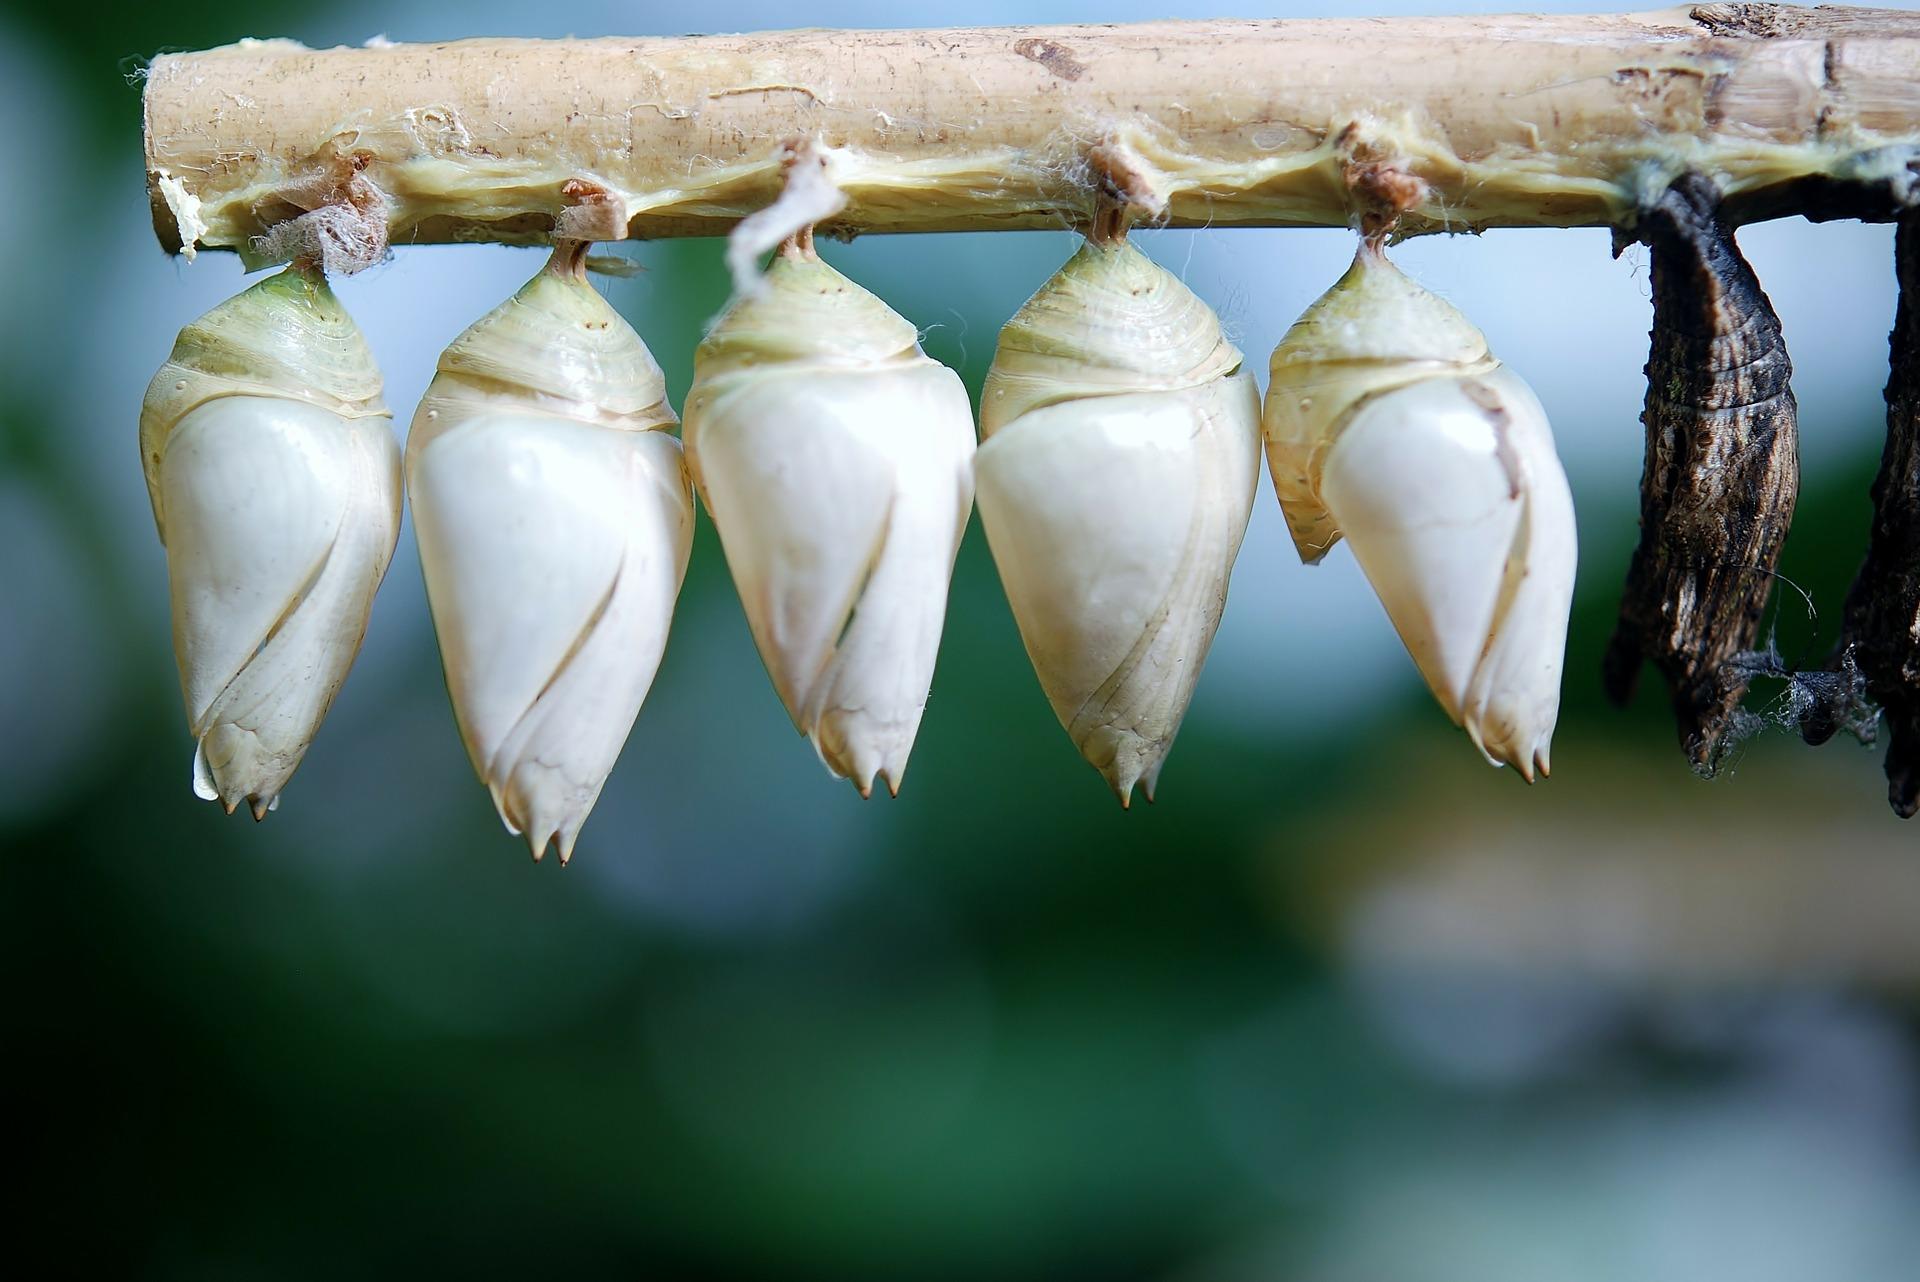 cocon-papillon-larve-pixabay-glady